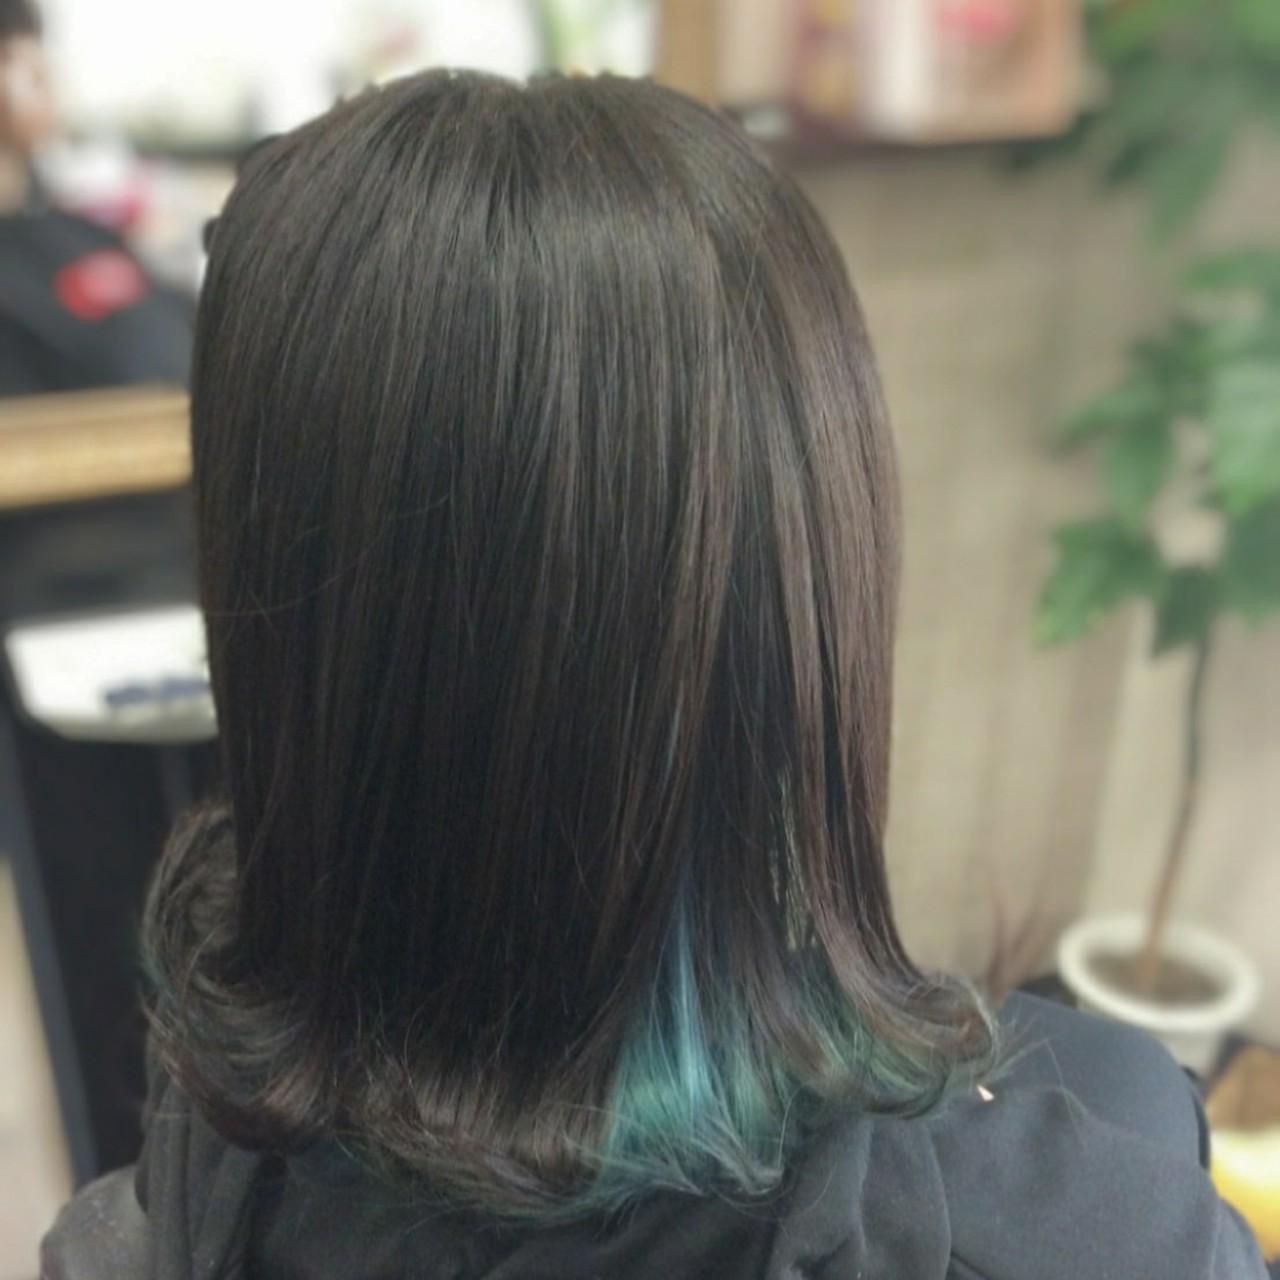 ミディアム ガーリー インナーカラー インナーブルー ヘアスタイルや髪型の写真・画像   rumiLINKS美容室 / リンクス美容室